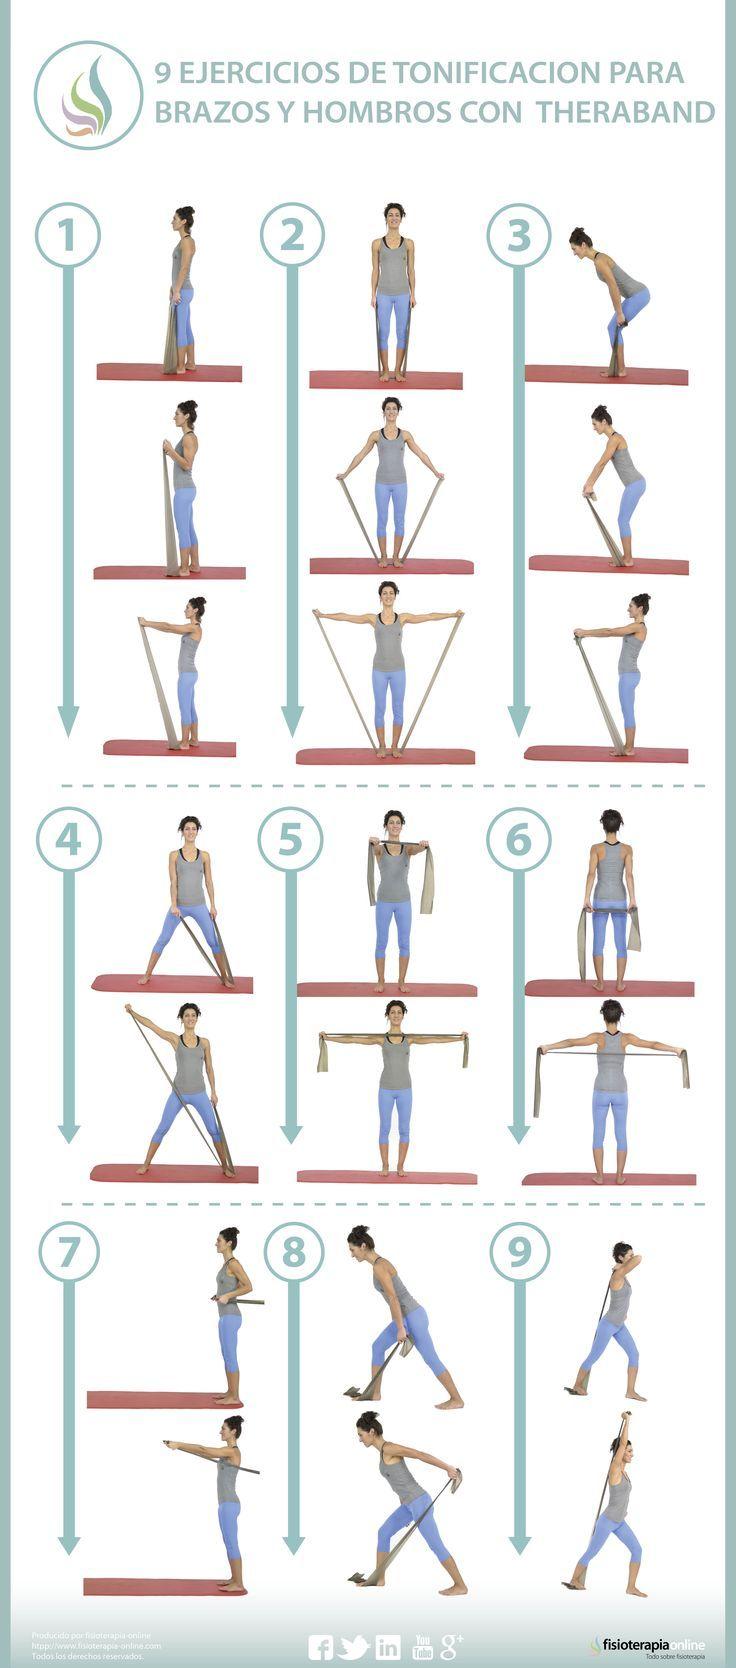 El entrenamiento con bandas elásticas para tonificar tus músculos, deltoides, romboides, tríceps y pectorales.